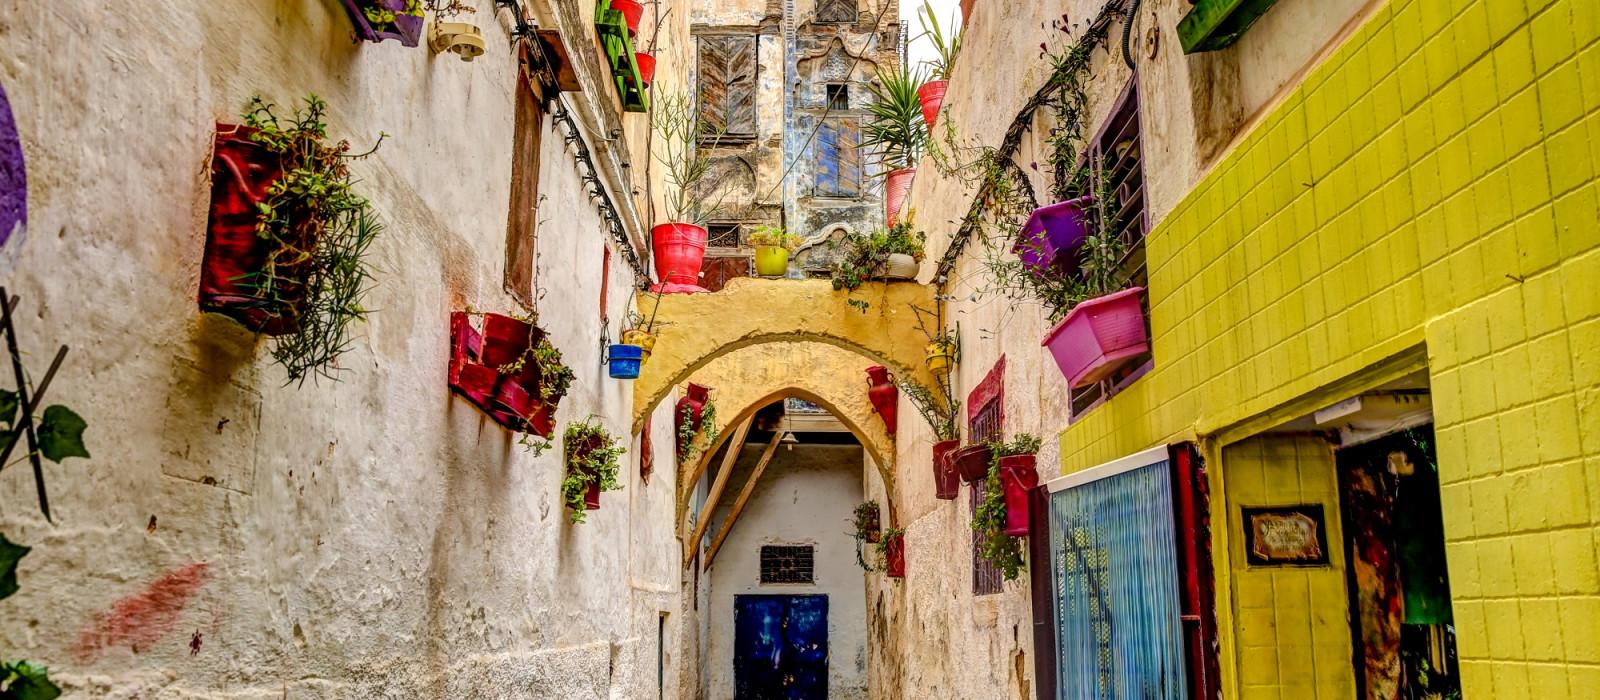 Marokko für Einsteiger: Magische Medinas & Beni Mellal Urlaub 1